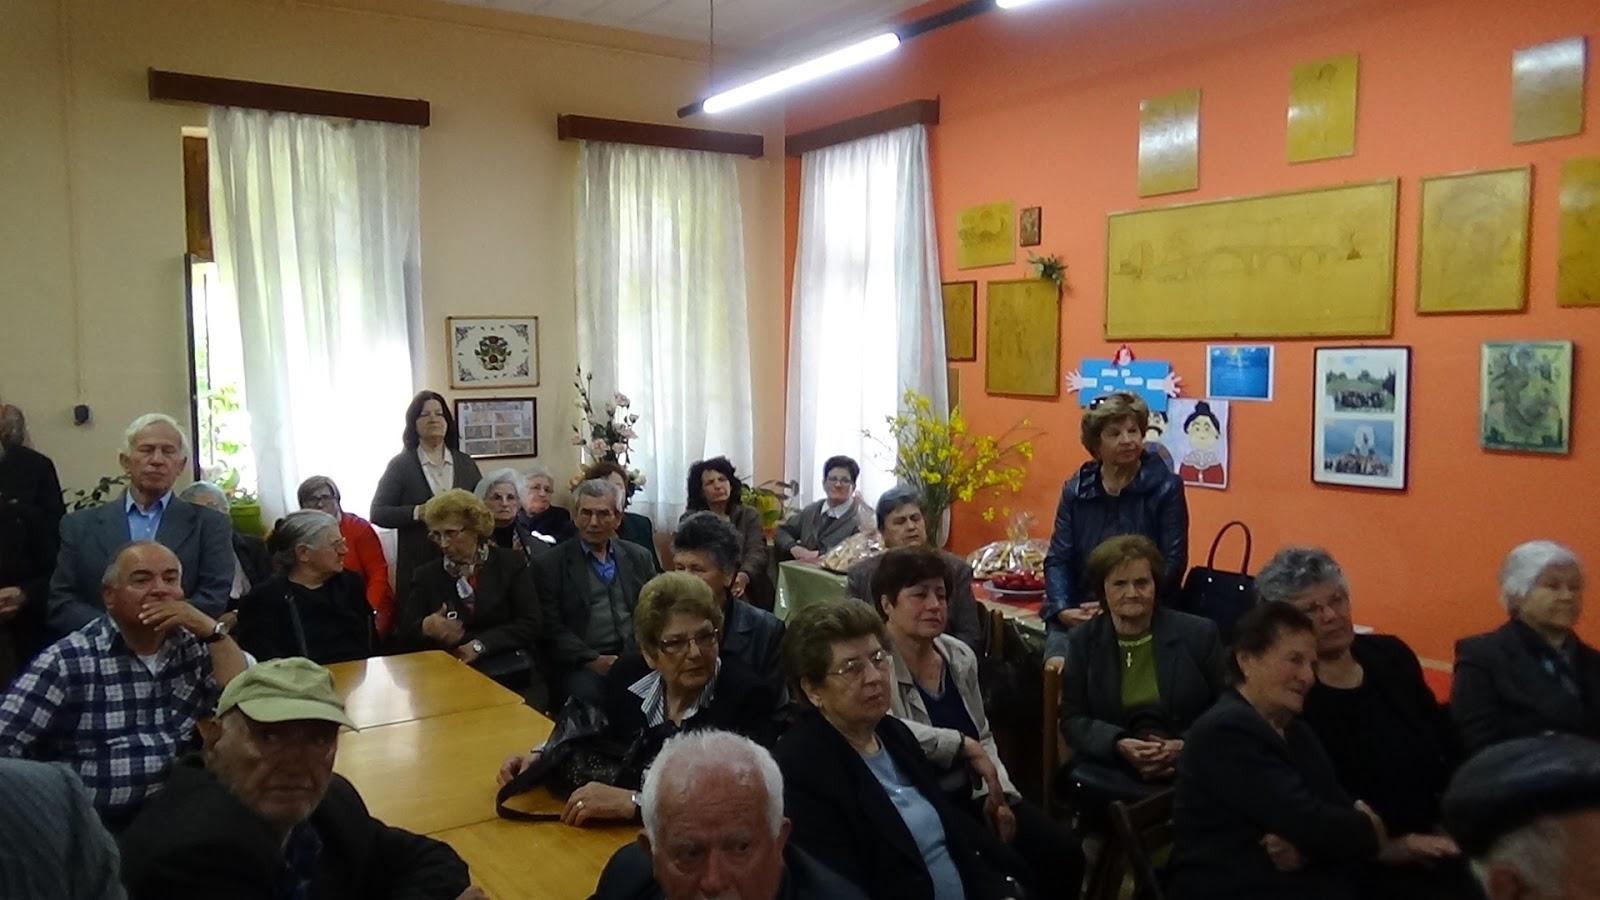 Πλήθος κόσμου στην καθιερωμένη Γιορτή Αγάπης στο ΚΑΠΗ του Δήμου Αρταίων